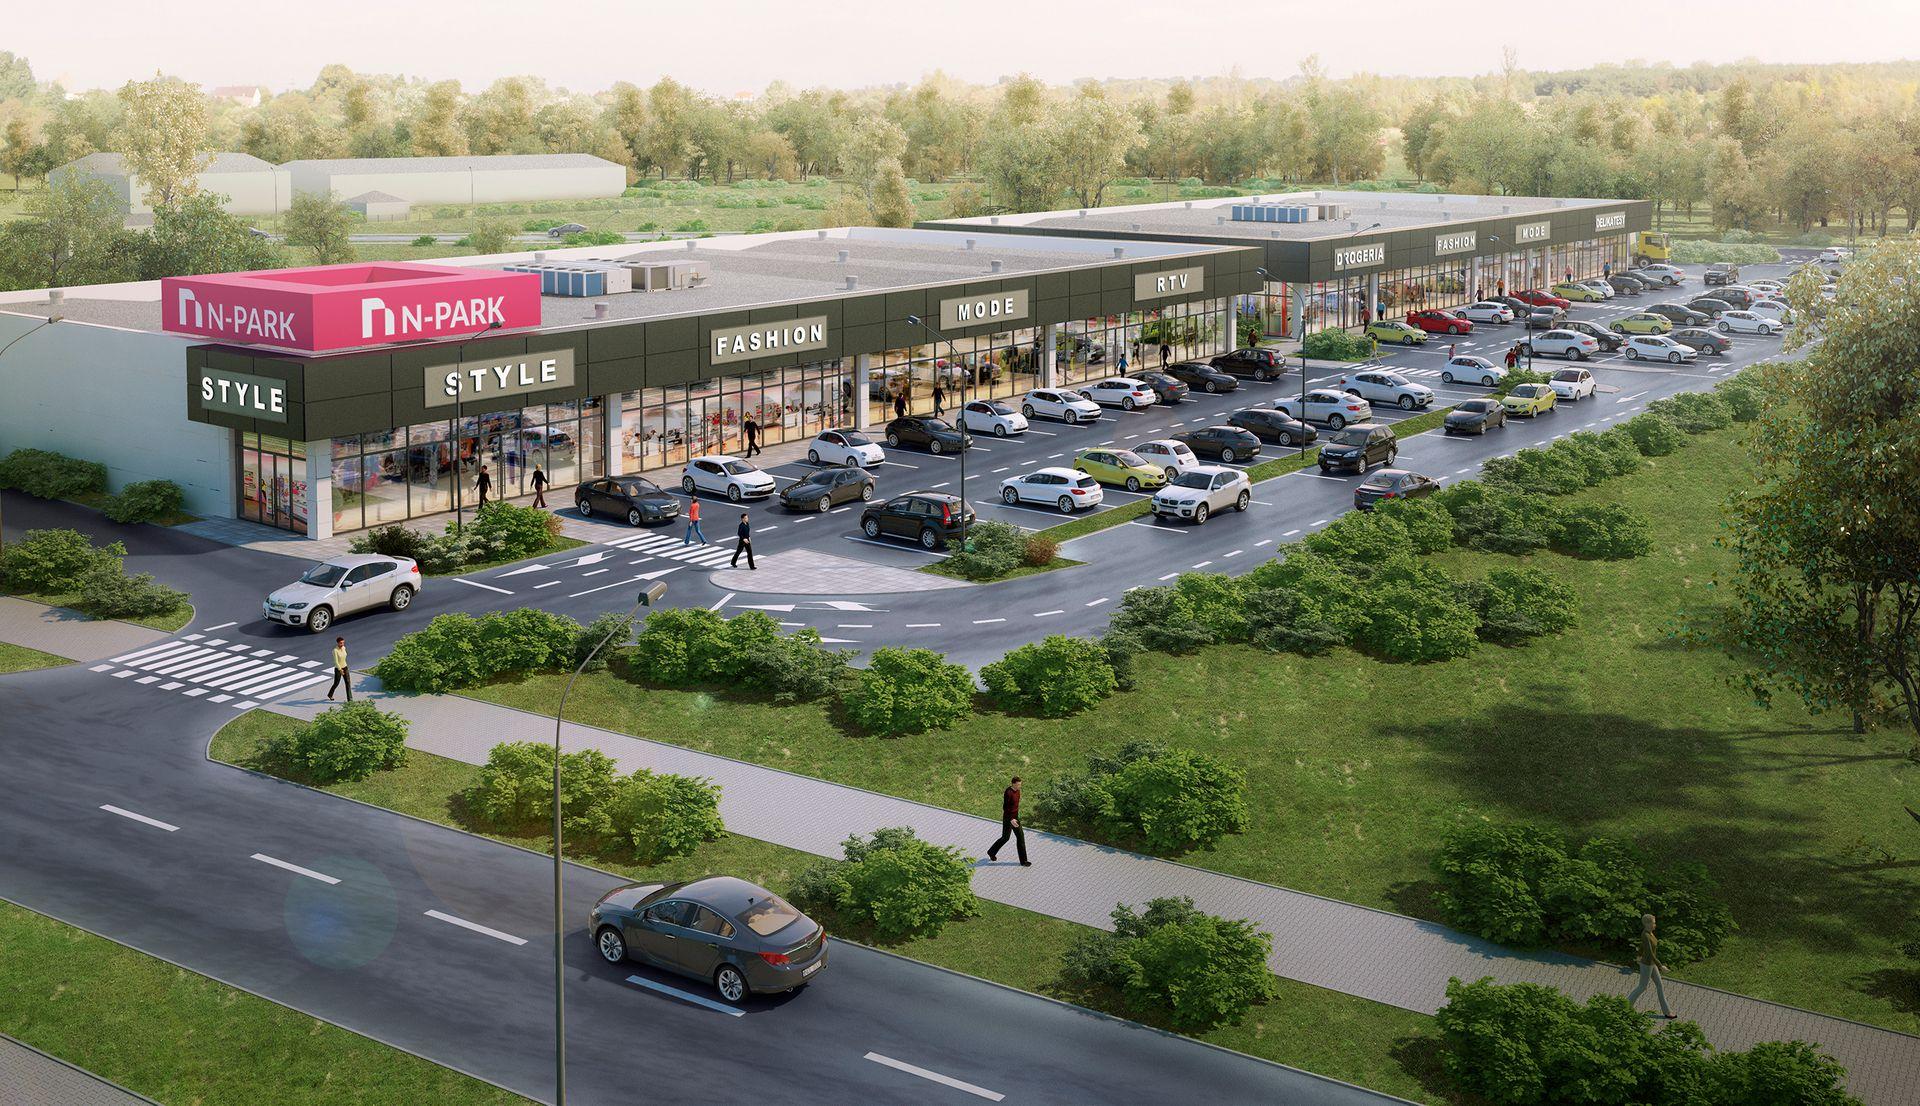 Dolny Śląsk: Powstanie kolejny park handlowy N-Park. Tym razem w Jelczu-Laskowicach